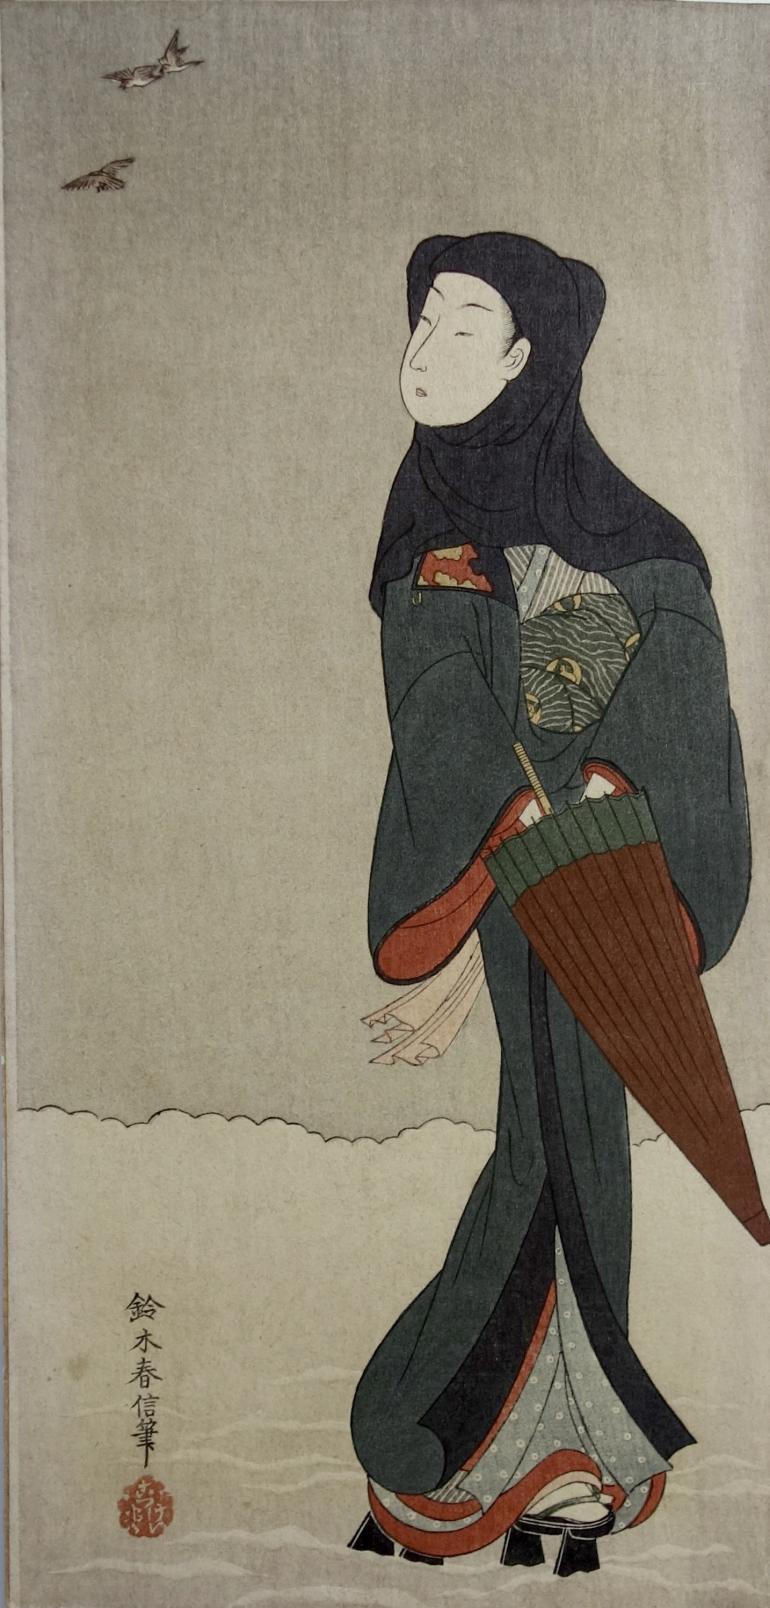 HARUNOBU Suzuki (after)